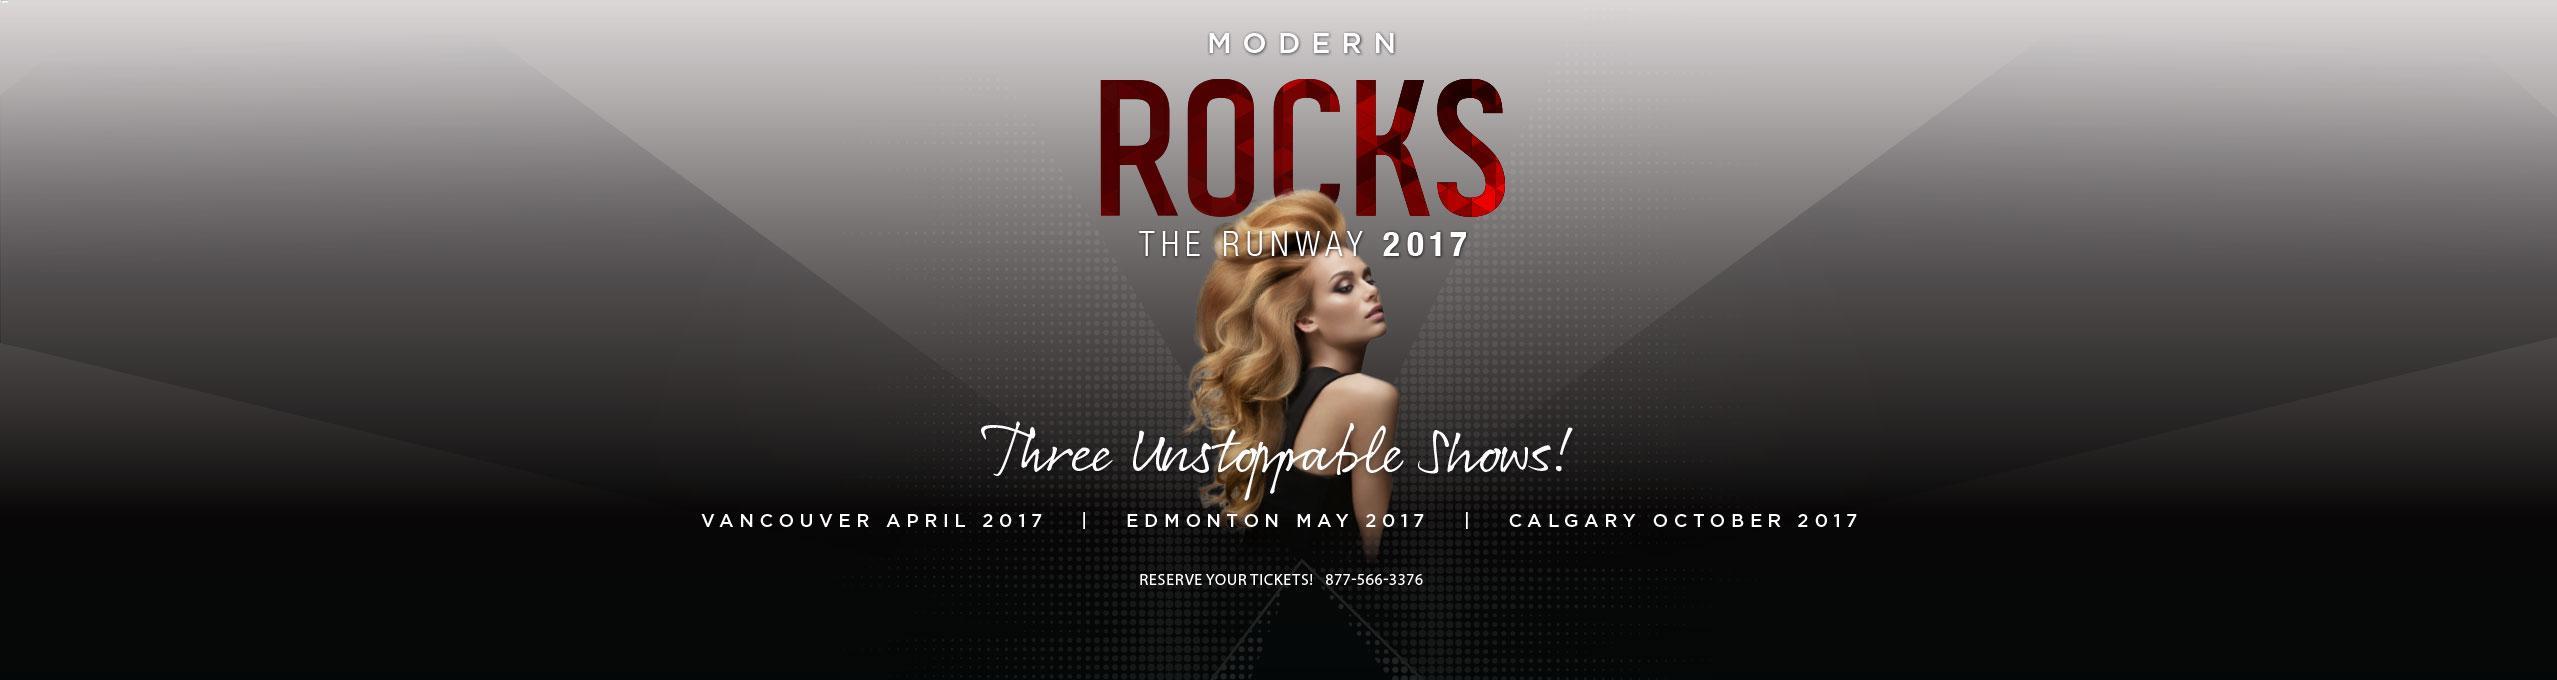 ModernRocks2017Banner